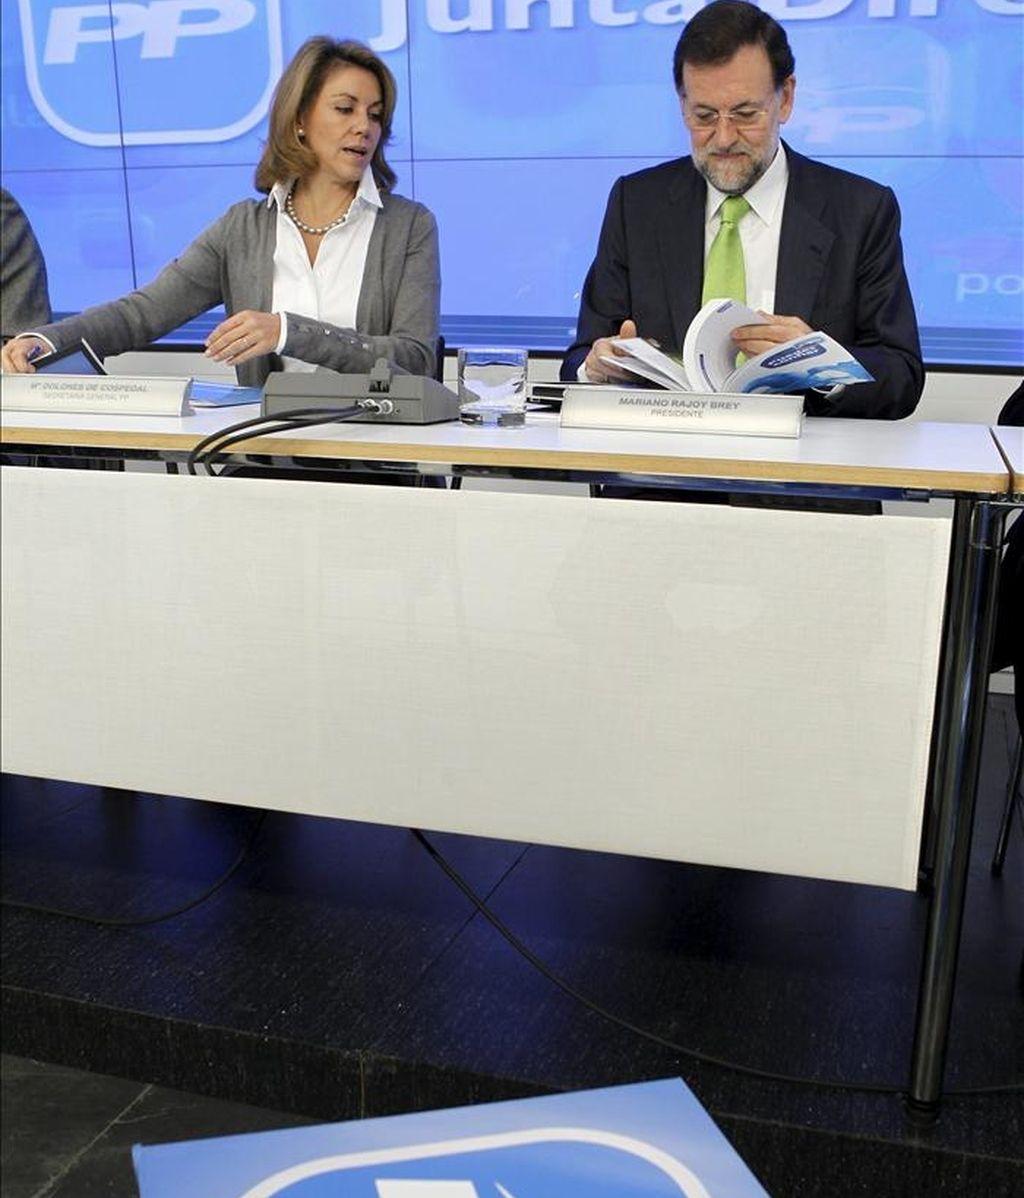 El presidente del PP, Mariano Rajoy, junto a la secretaria general del partido, María Dolores de Cospedal, durante la reunión de la Junta Directiva Nacional del PP. EFE/Archivo